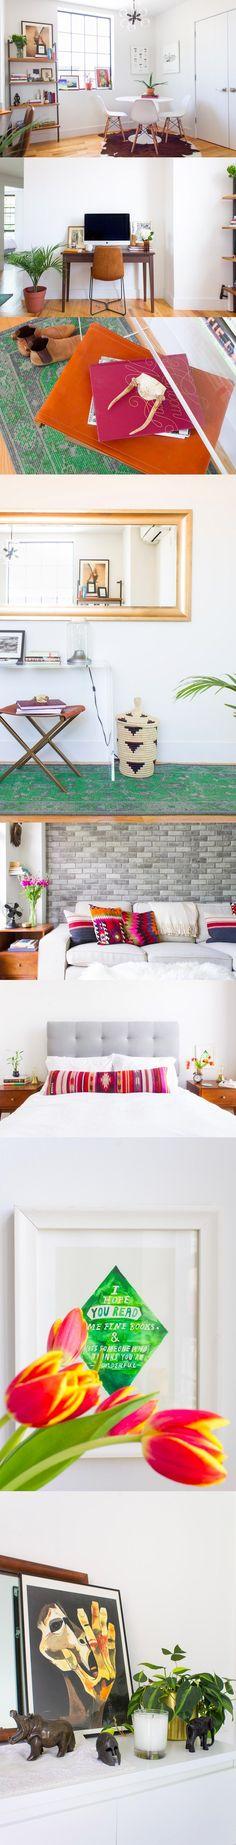 Pareja estrena apartamento con atractivo diseño / http://www.cestchristine.com/